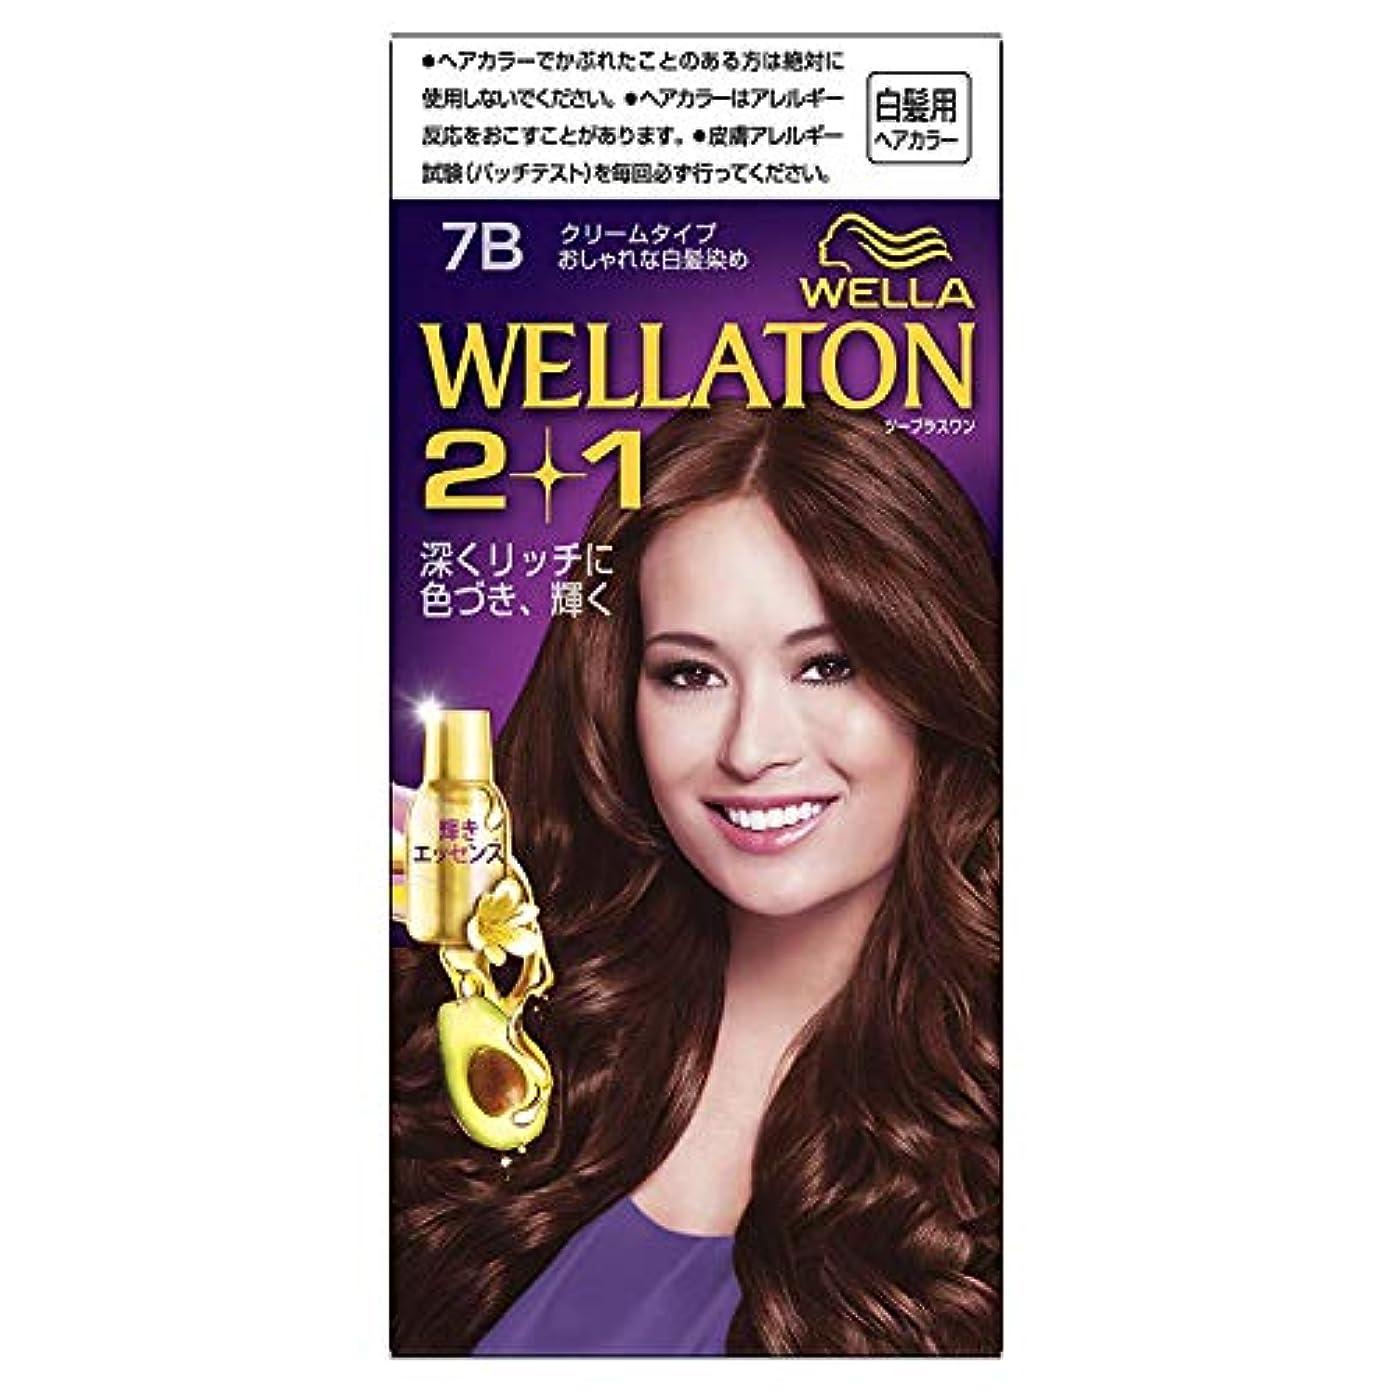 添加剤甘やかす医療のウエラトーン2+1 白髪染め クリームタイプ 7B [医薬部外品]×6個